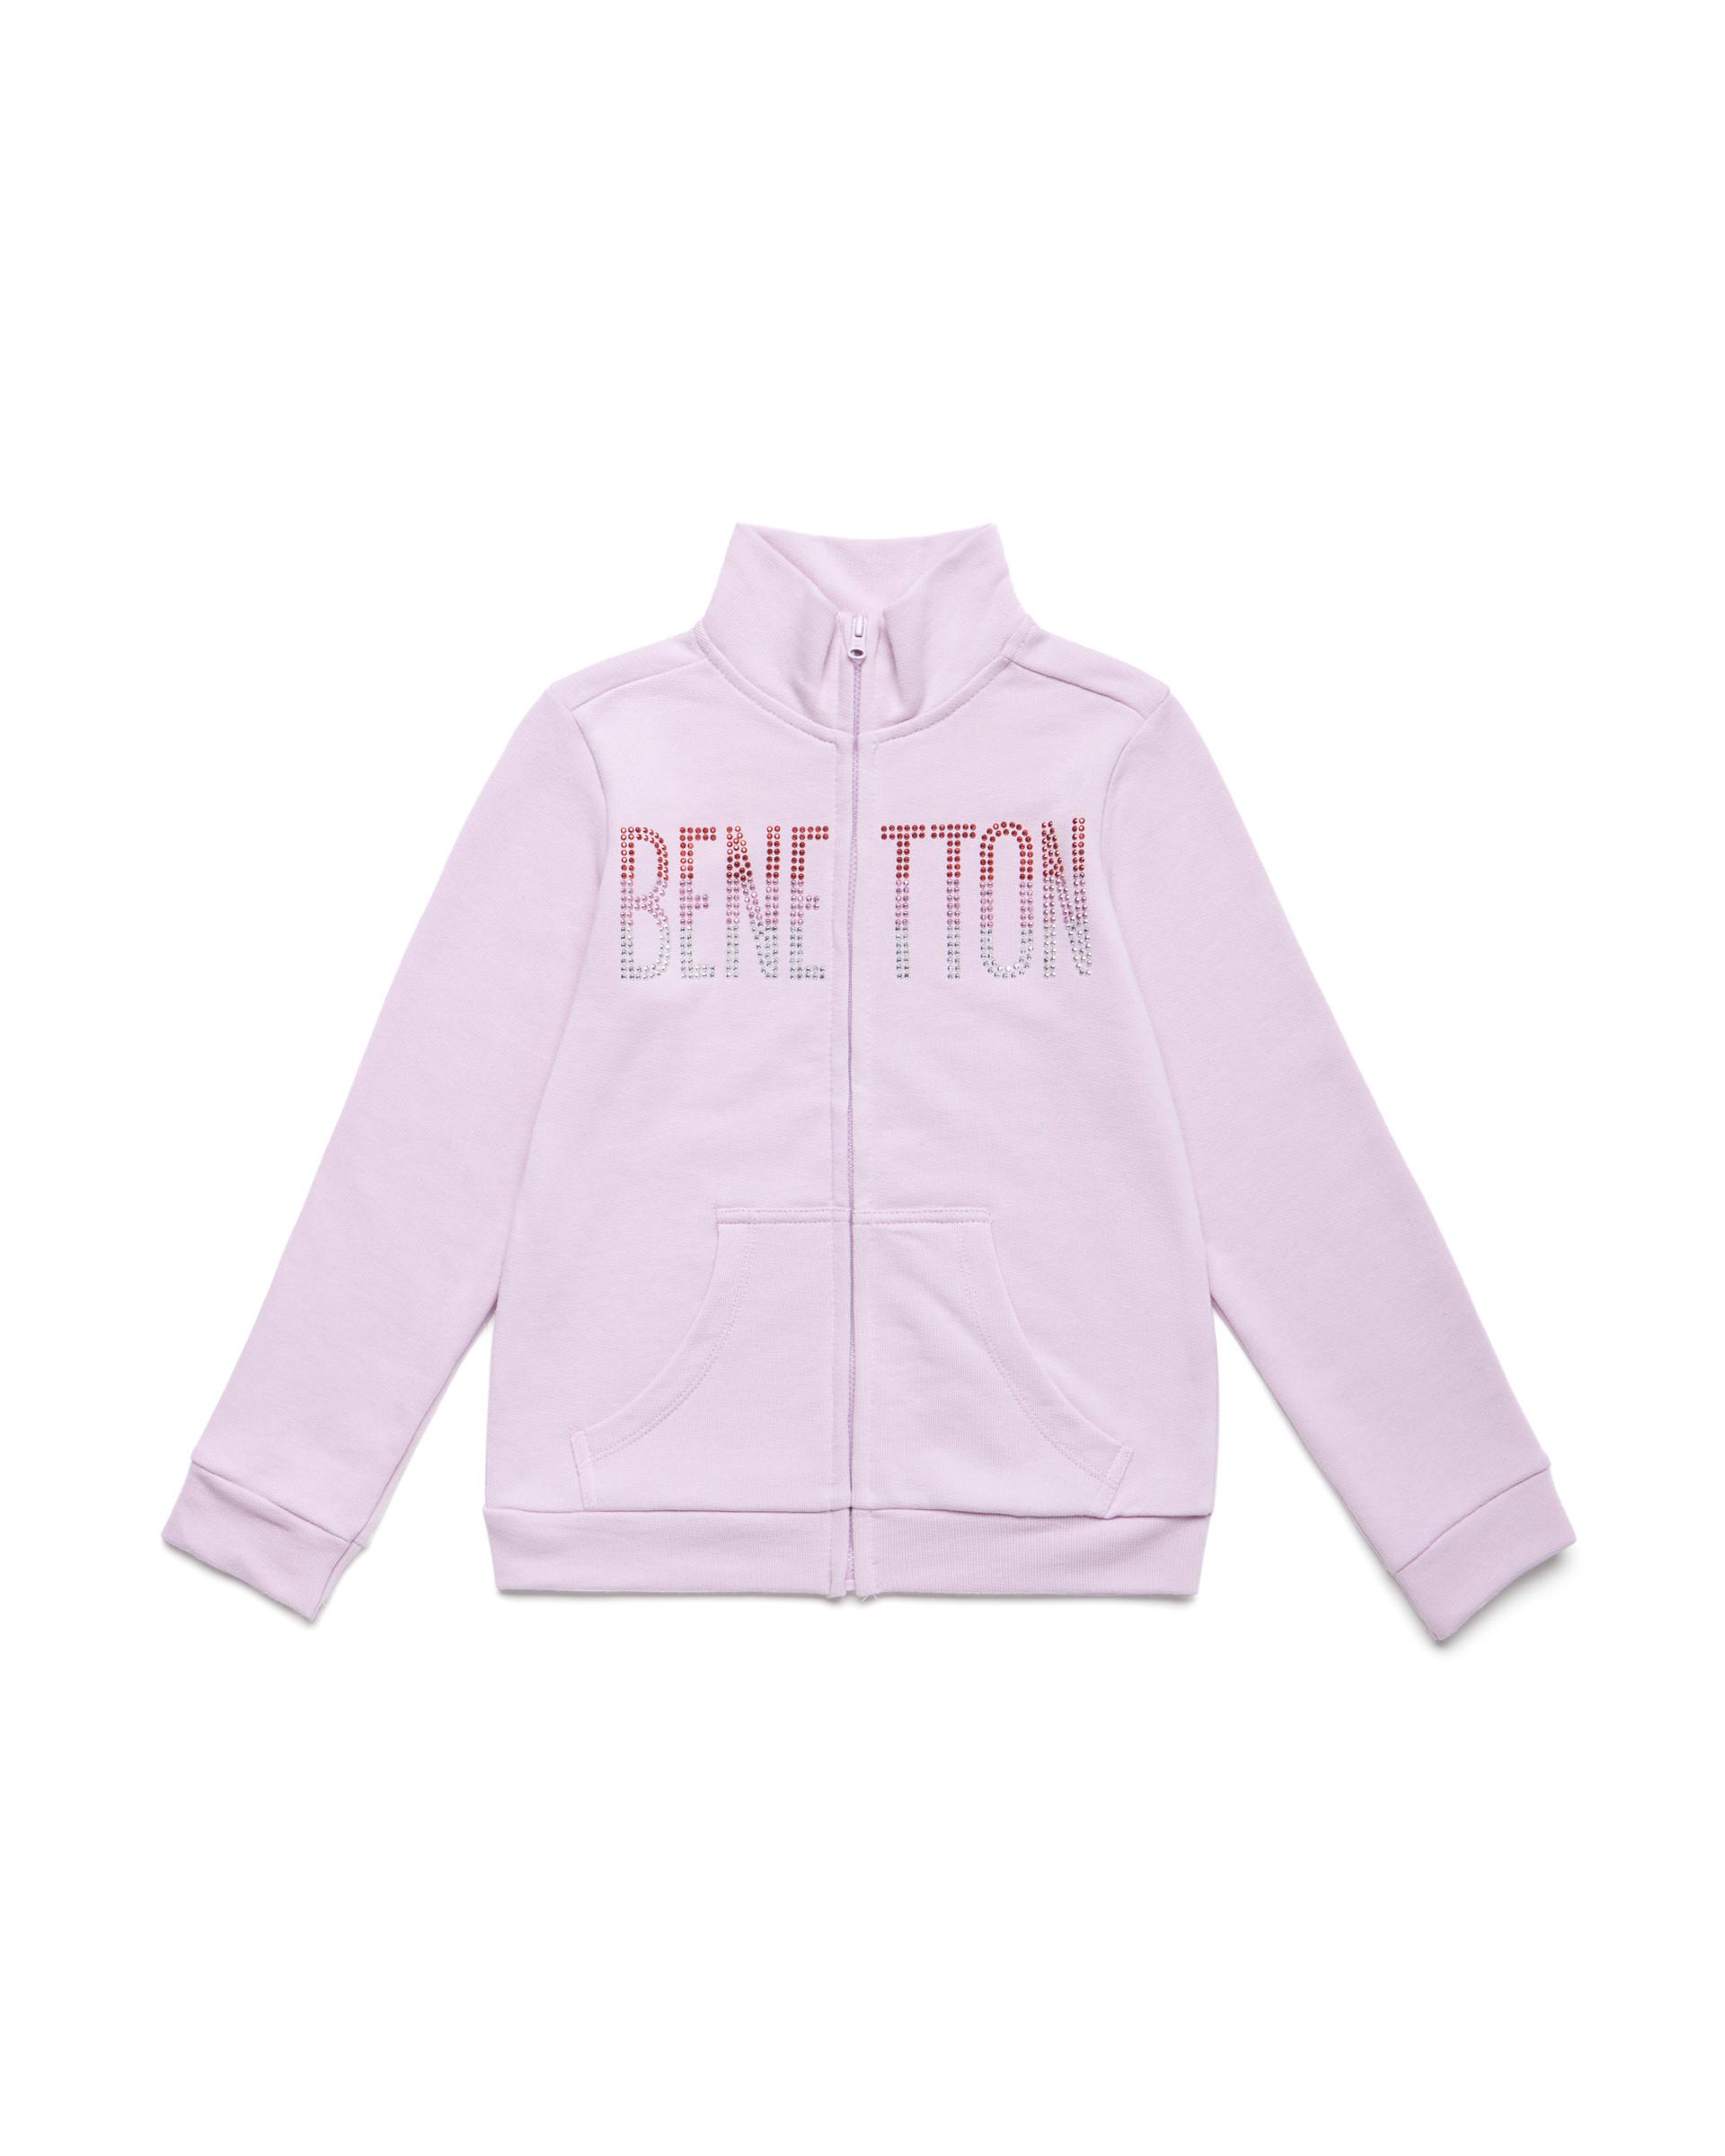 Купить 20P_3J68C5793_07M, Толстовка для девочек Benetton 3J68C5793_07M р-р 152, United Colors of Benetton, Толстовки для девочек